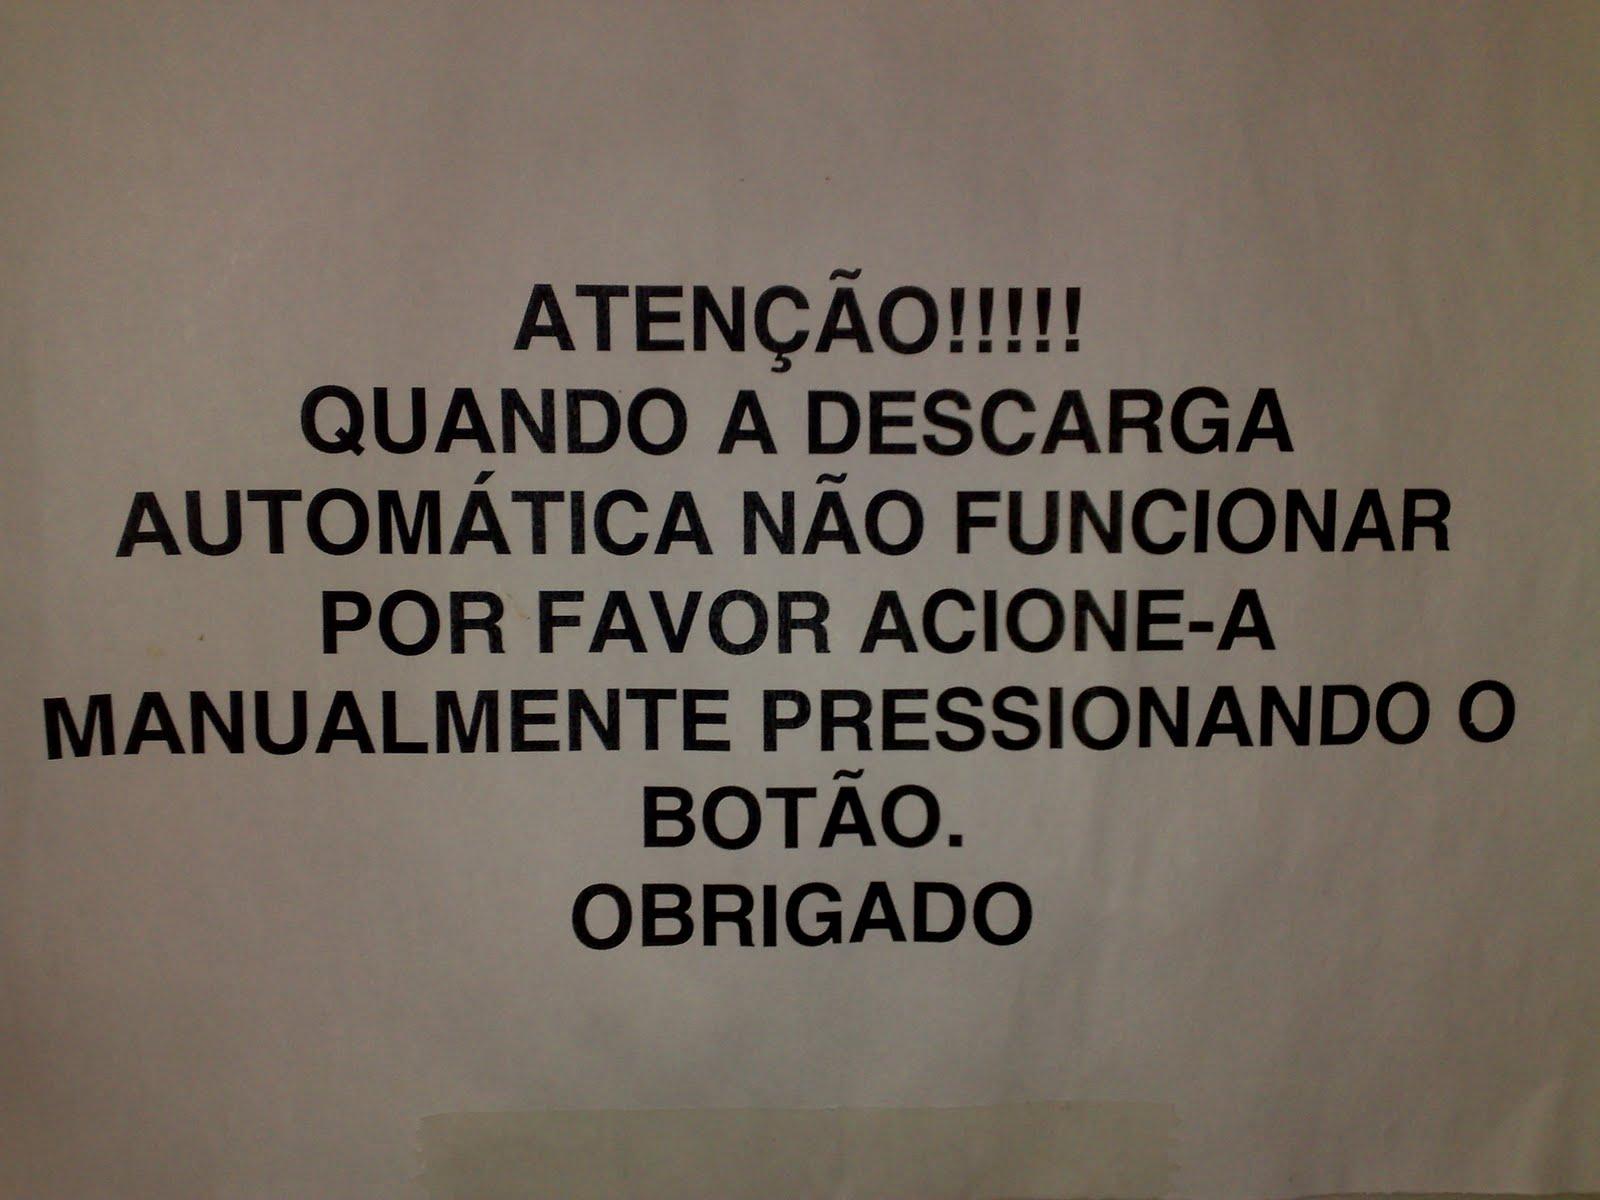 FRASES DE BANHEIRO: Descarga automática Centro 3 Unisinos #6D6151 1600 1200